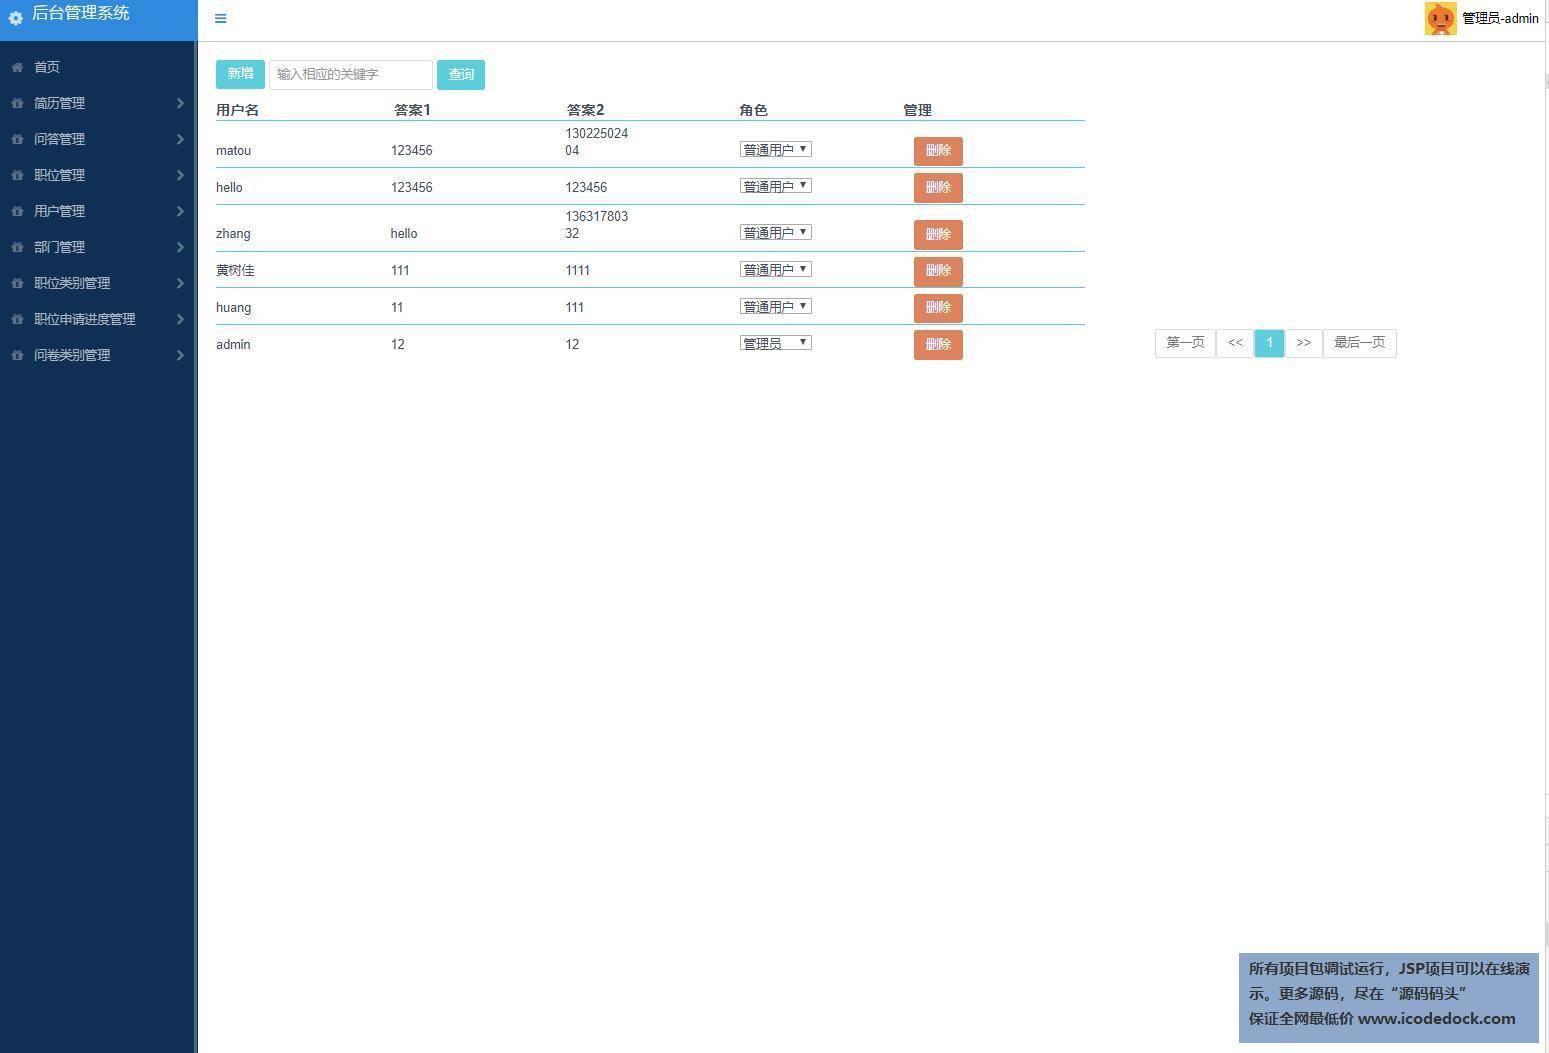 源码码头-SpringBoot招聘网站项目-管理员角色-用户管理